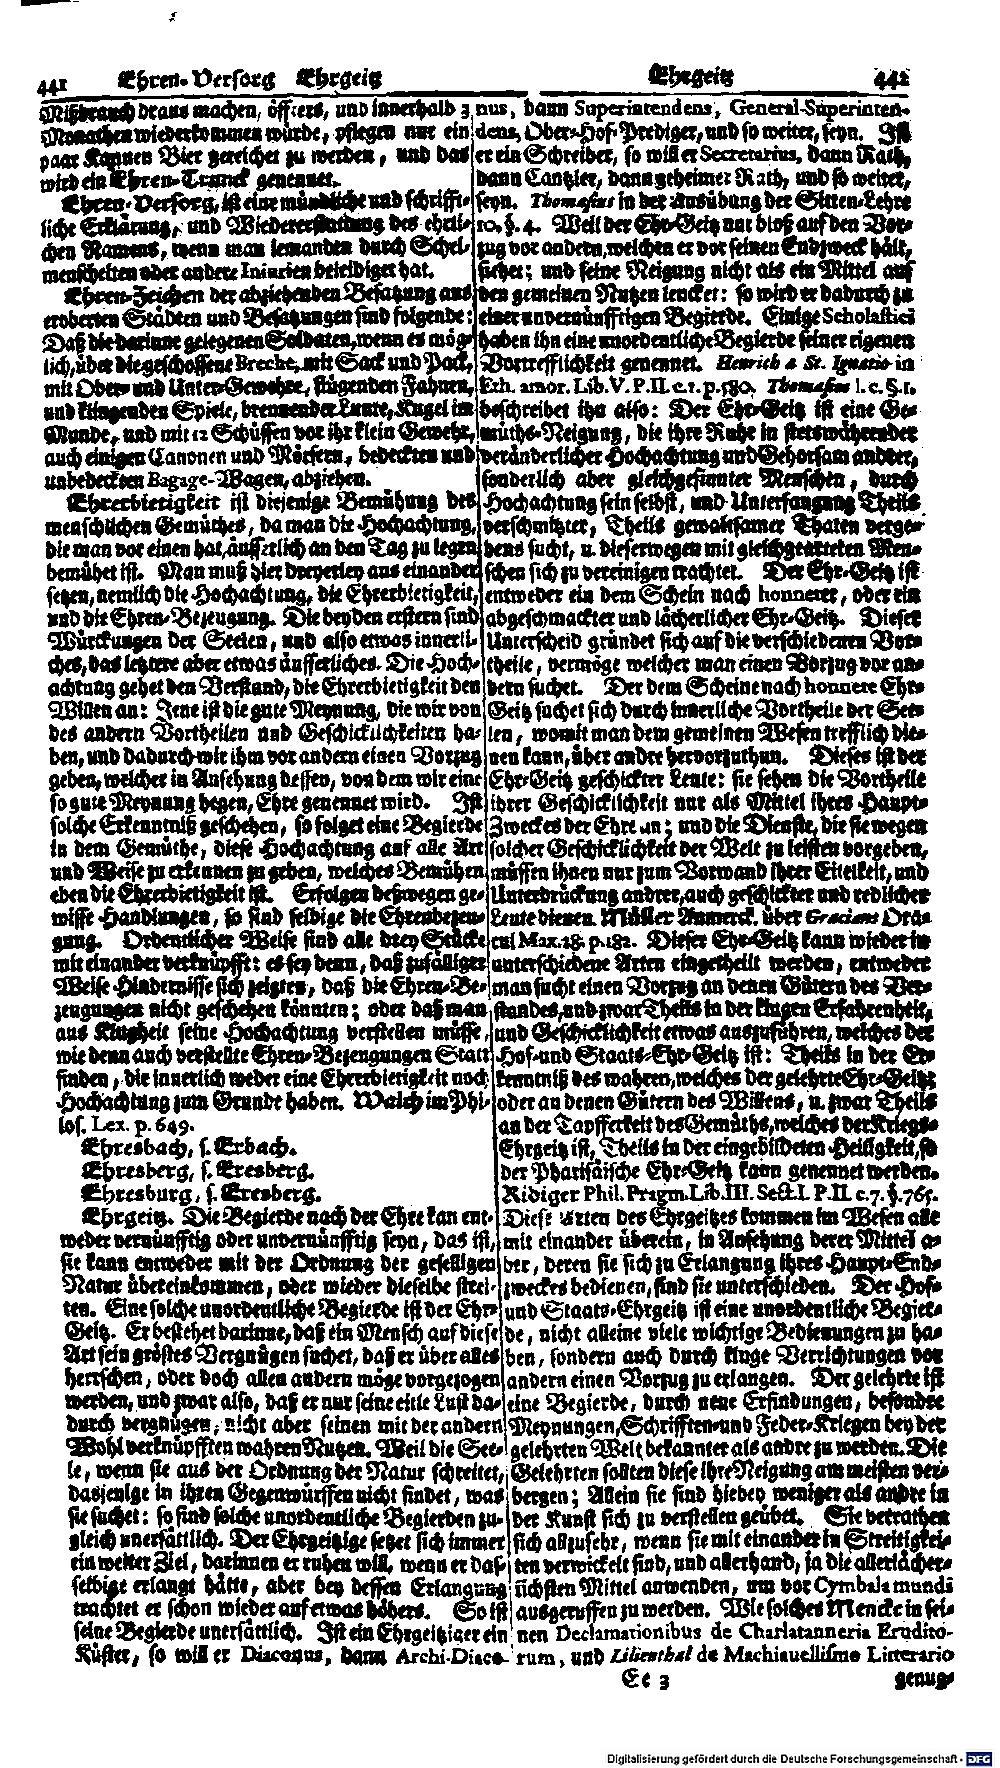 Bd. 8, Seite 0236.